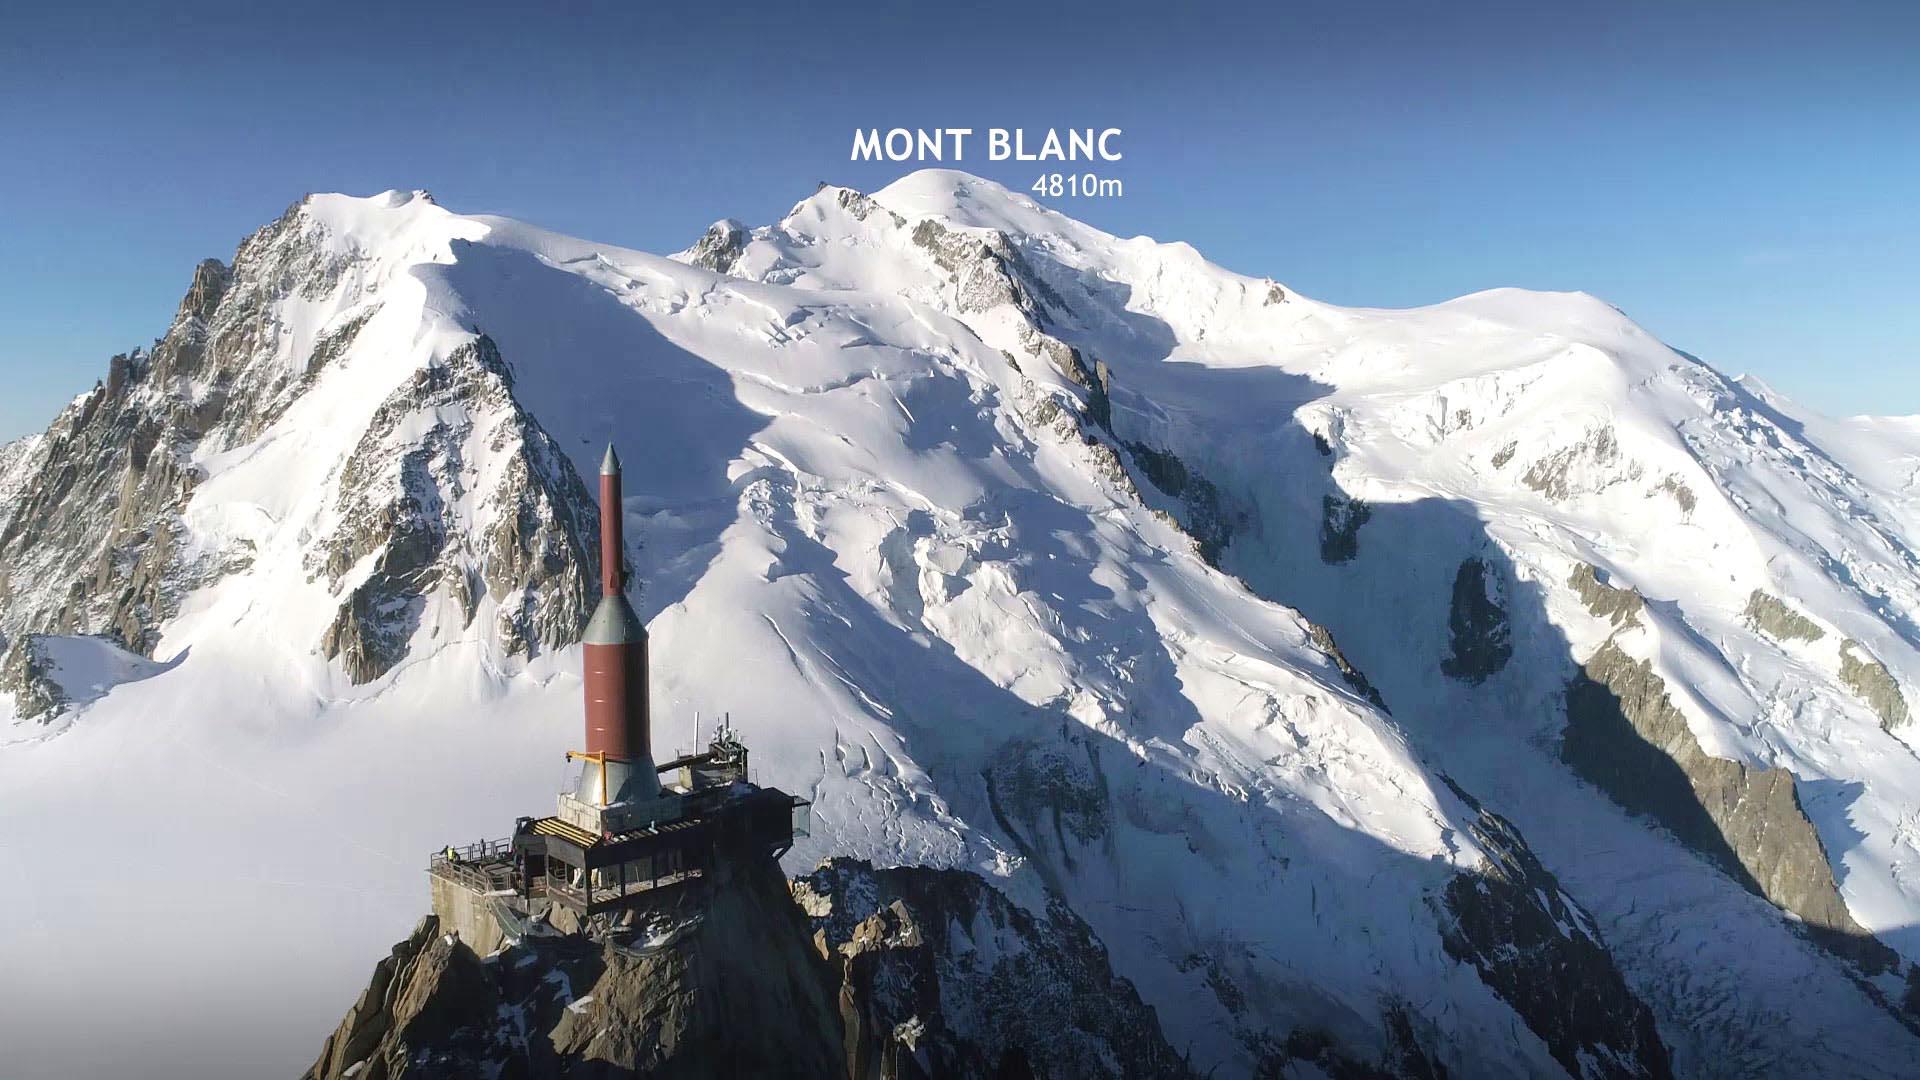 [CORPORATE] Drone : chantier en haute montagne, à l'Aiguille du midi